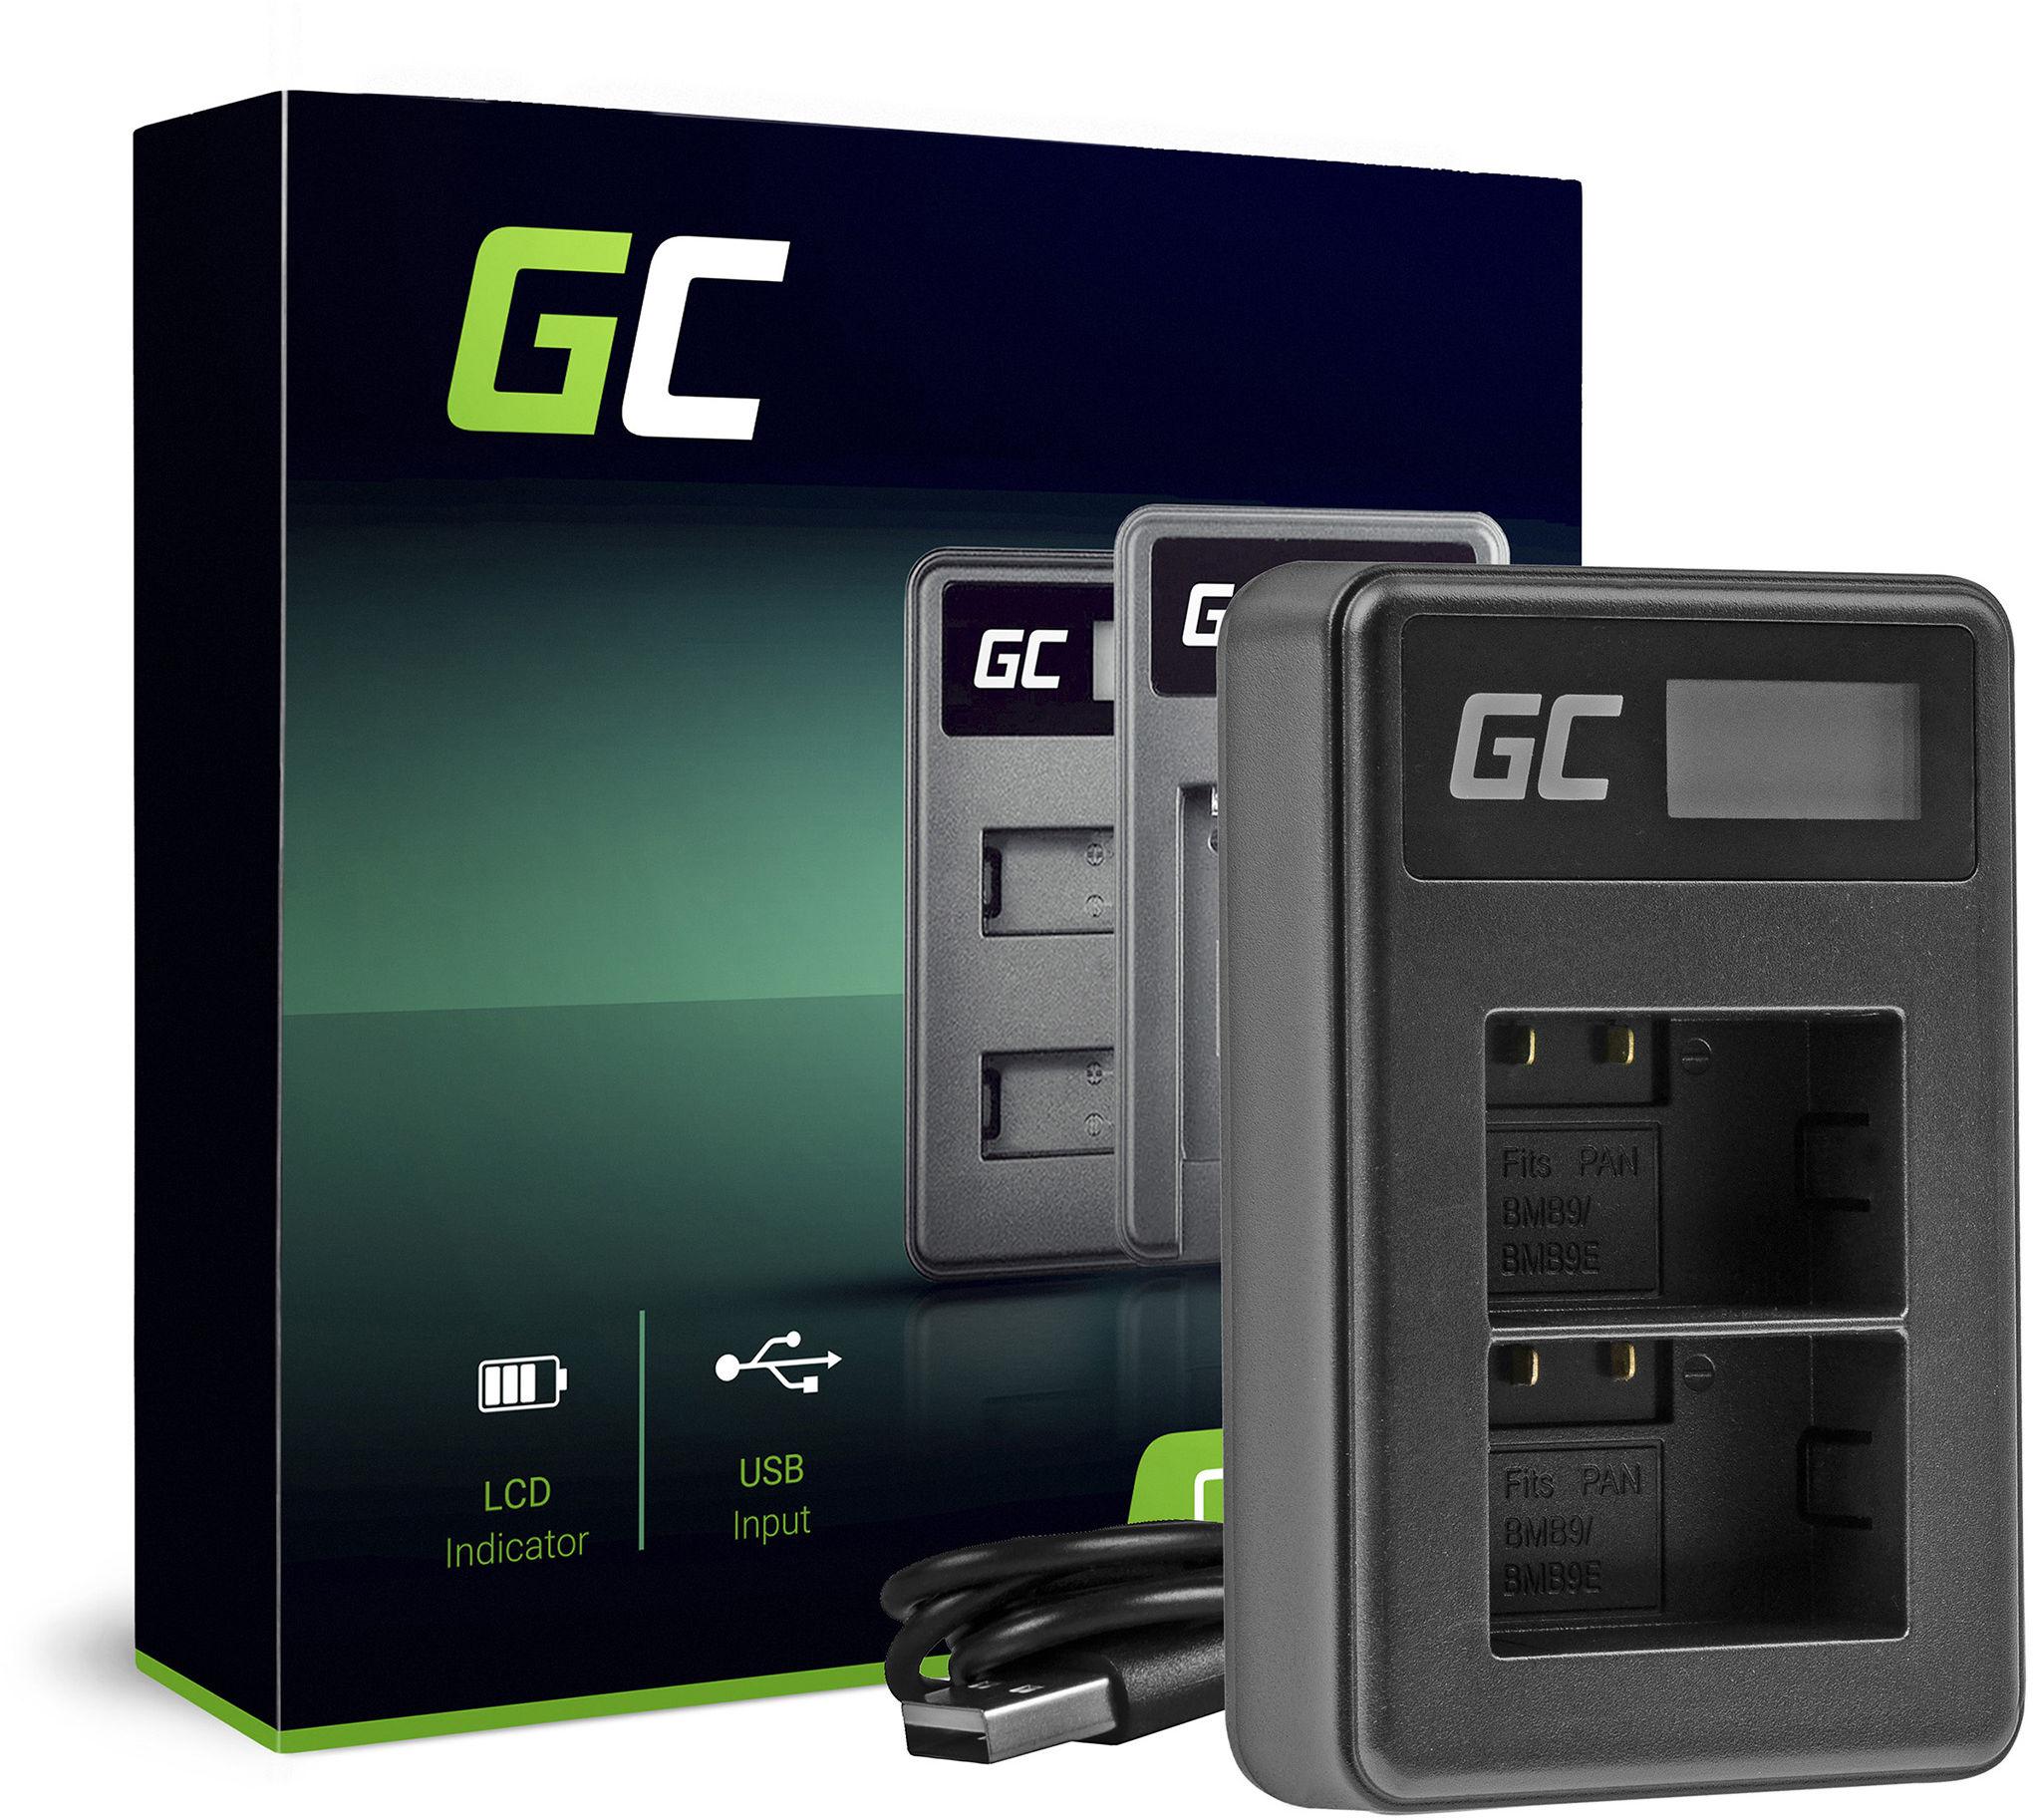 Podwójna ładowarka DE-A83 Green Cell  do Panasonic DMW-BMB9, Lumix DC FZ82 DMC FZ72 FZ62 FZ45 FZ48 FZ70 FZ60 FZ100 FZ150